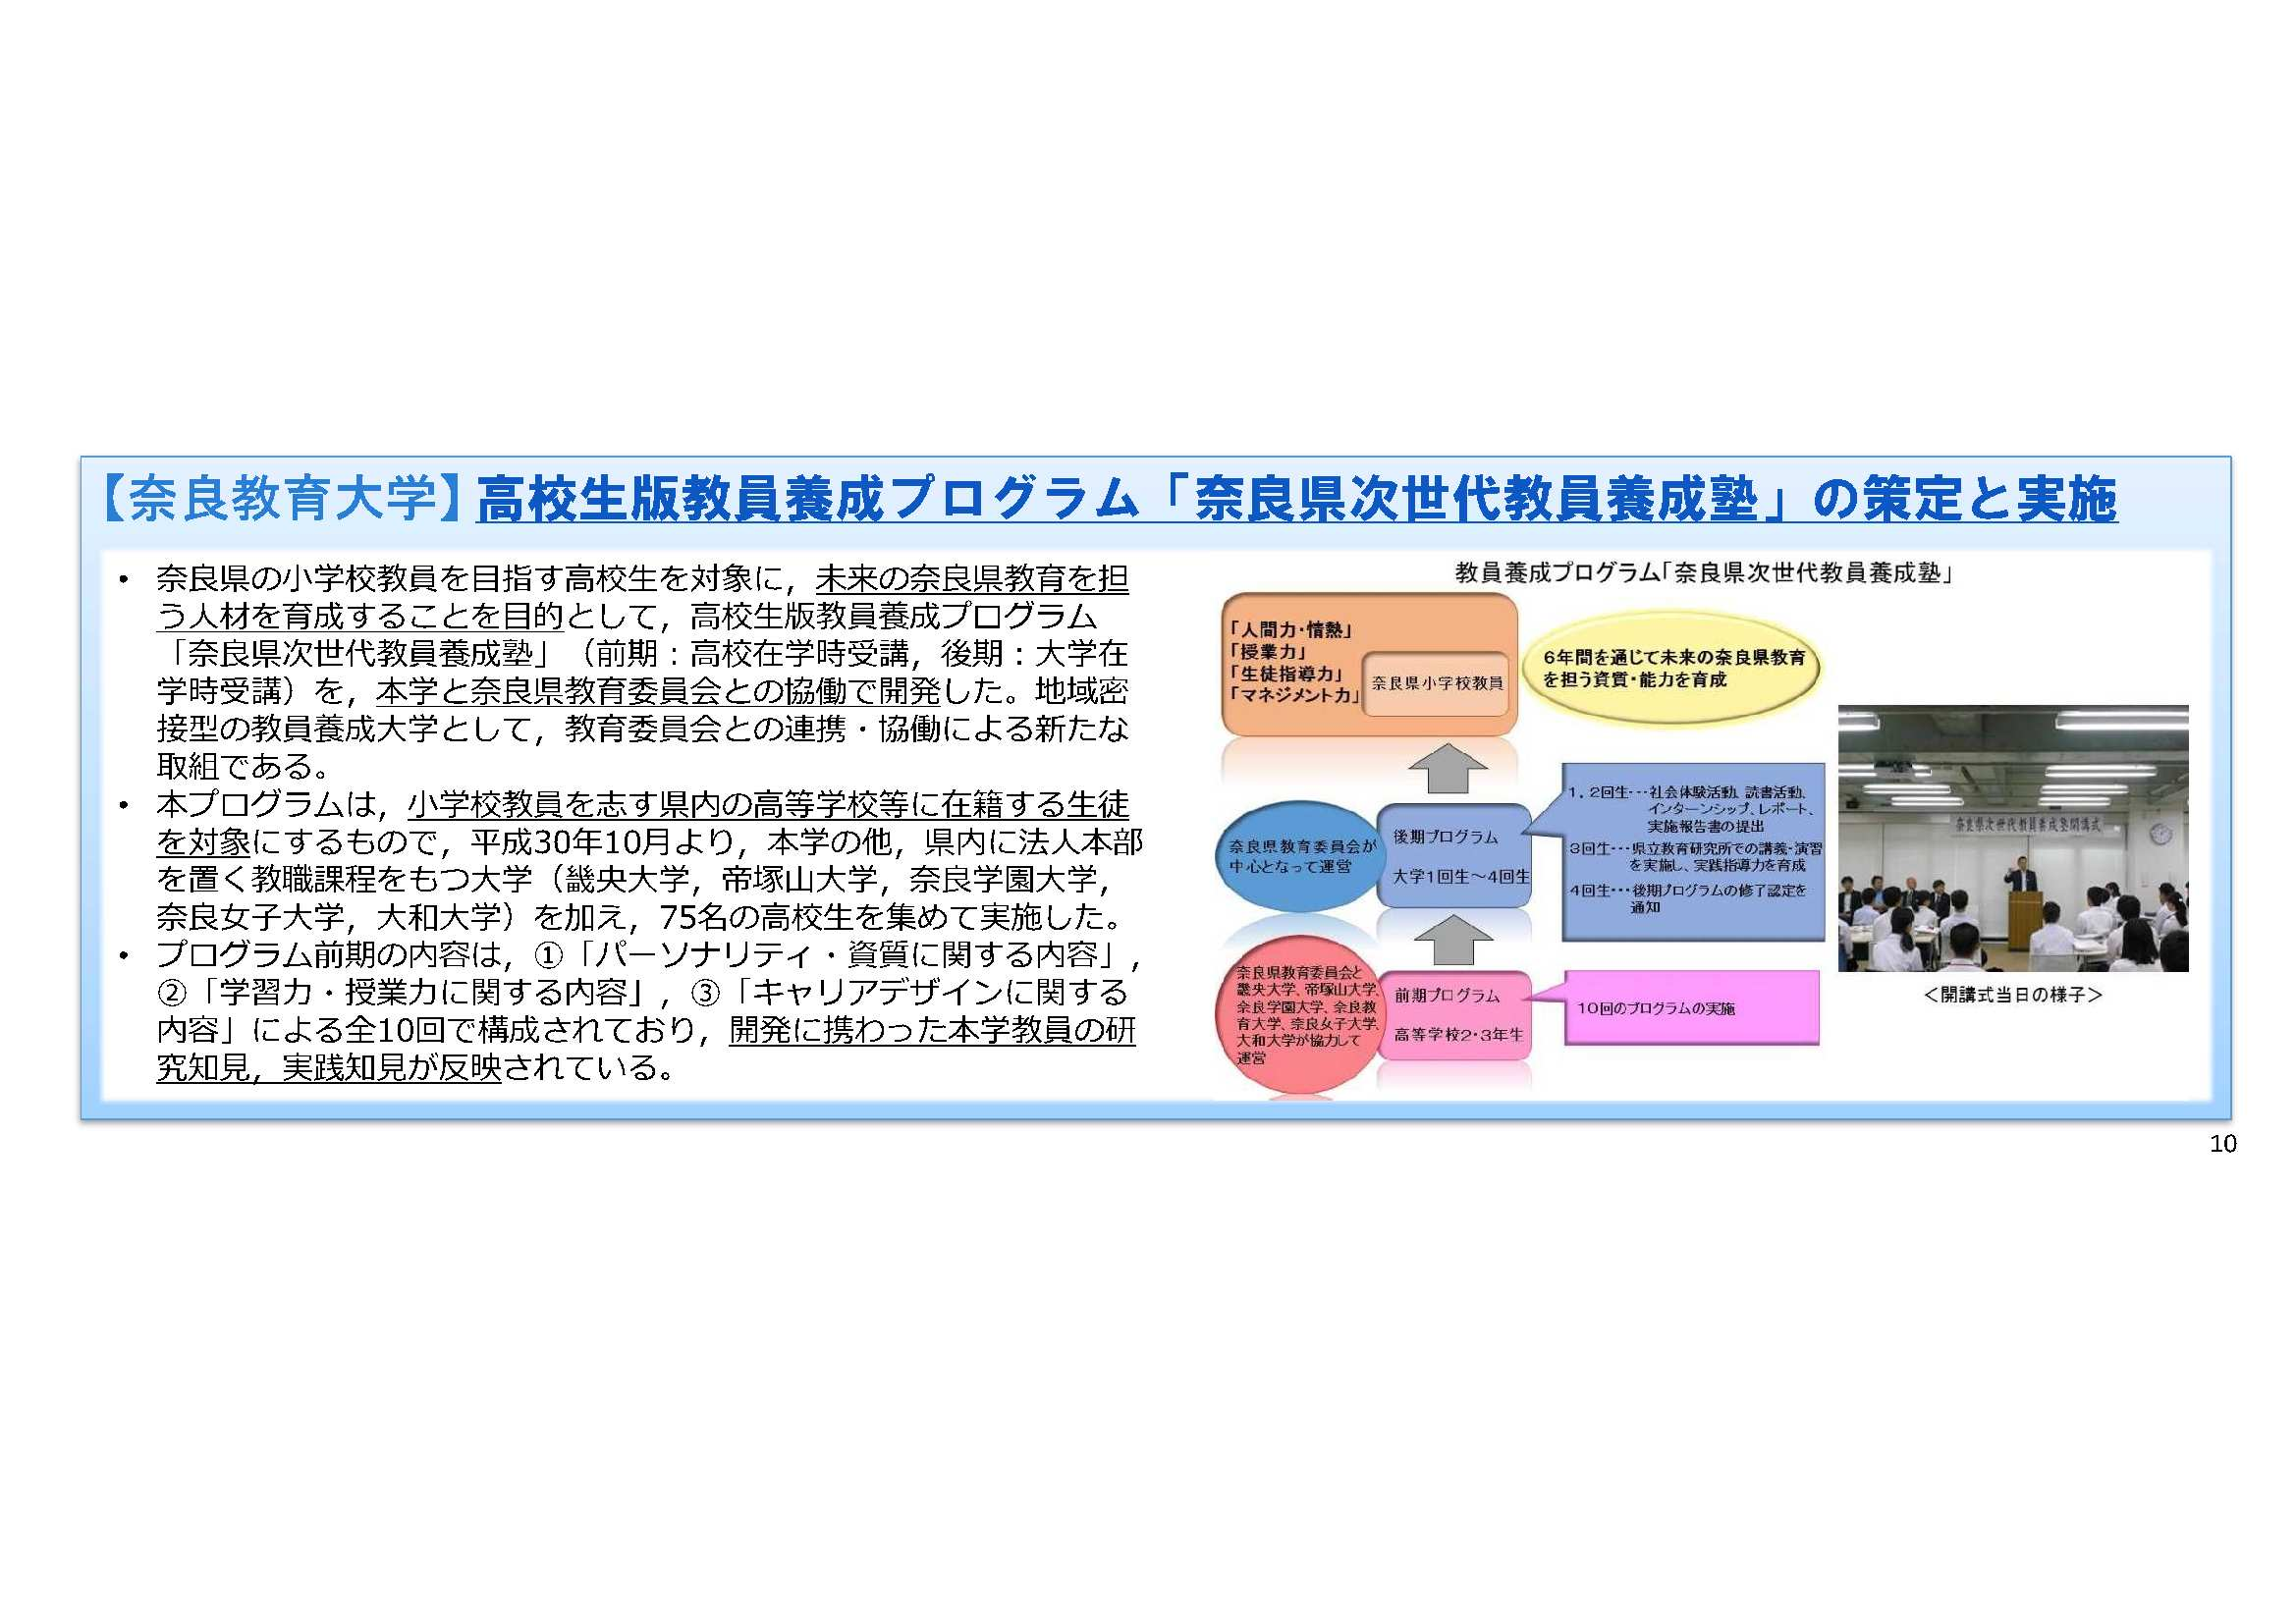 高校生版教員養成プログラム「奈良県次世代教員養成塾」の策定と実施